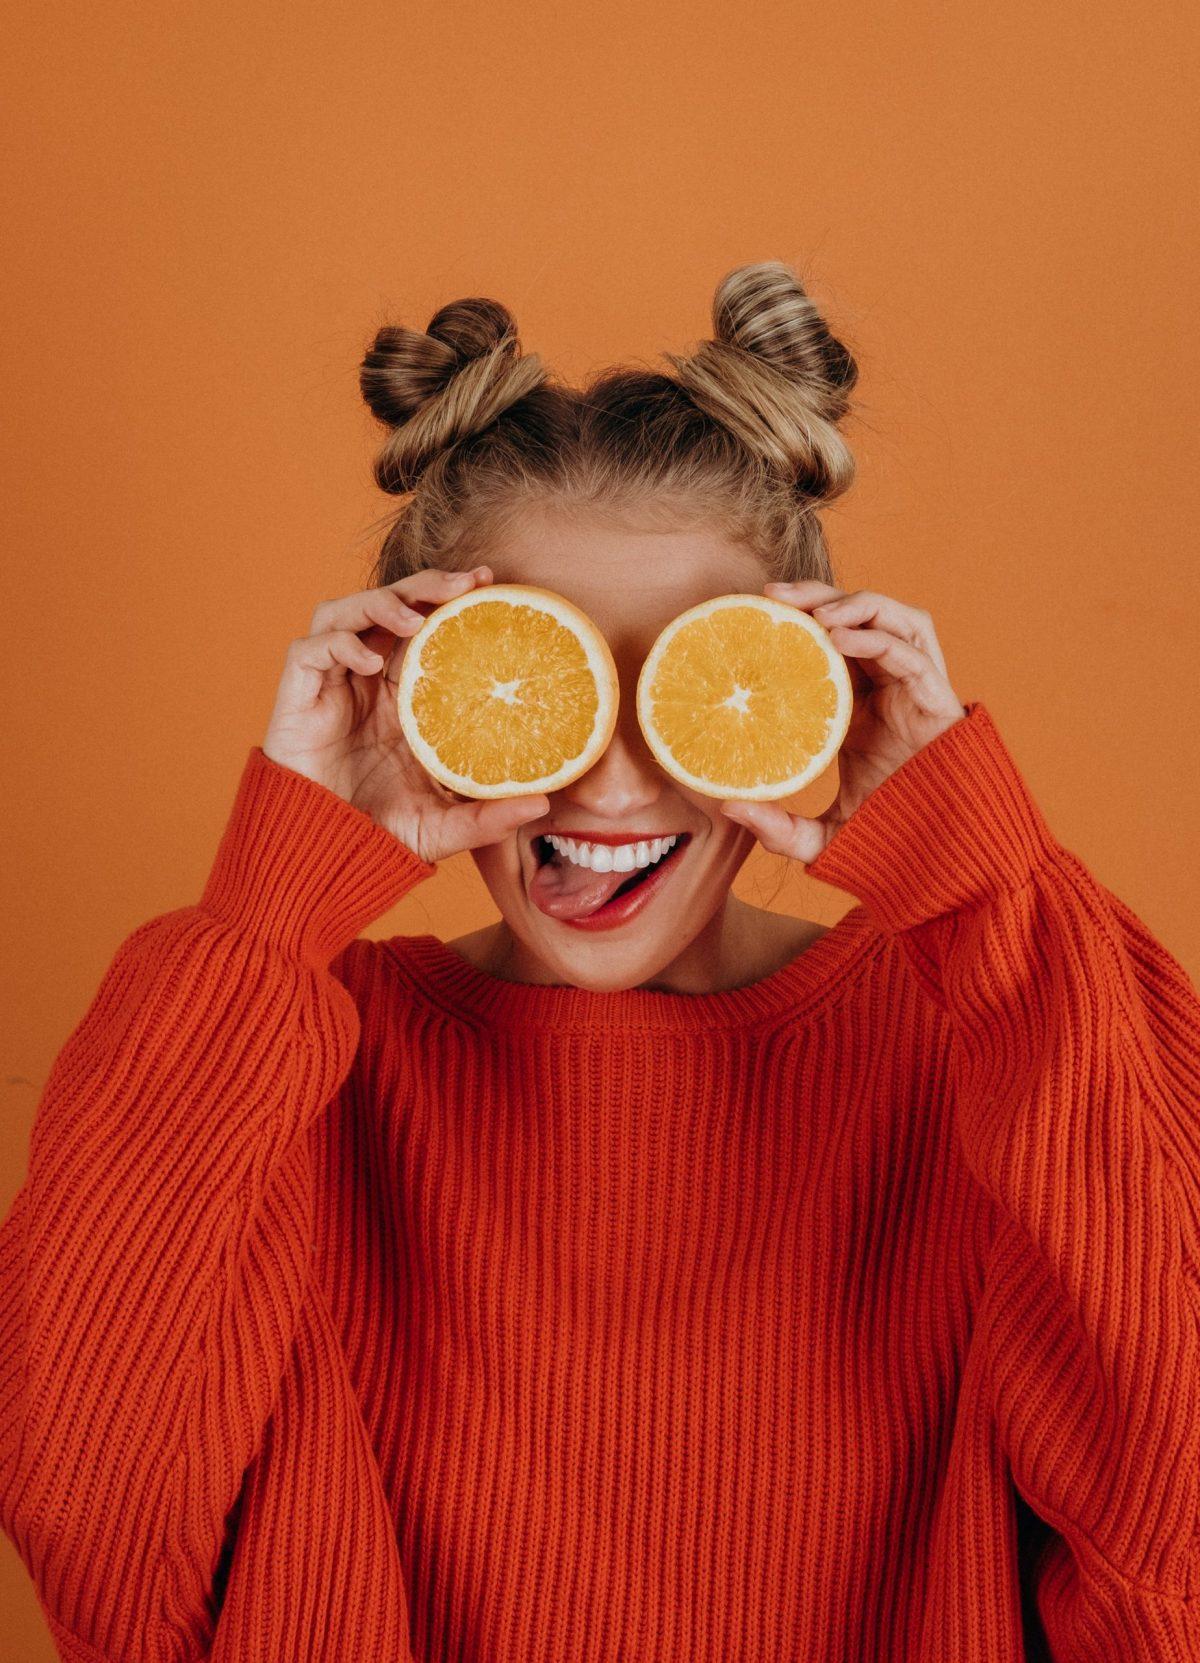 Wasserlösliche Vitamine, Vitamin C im Fokus